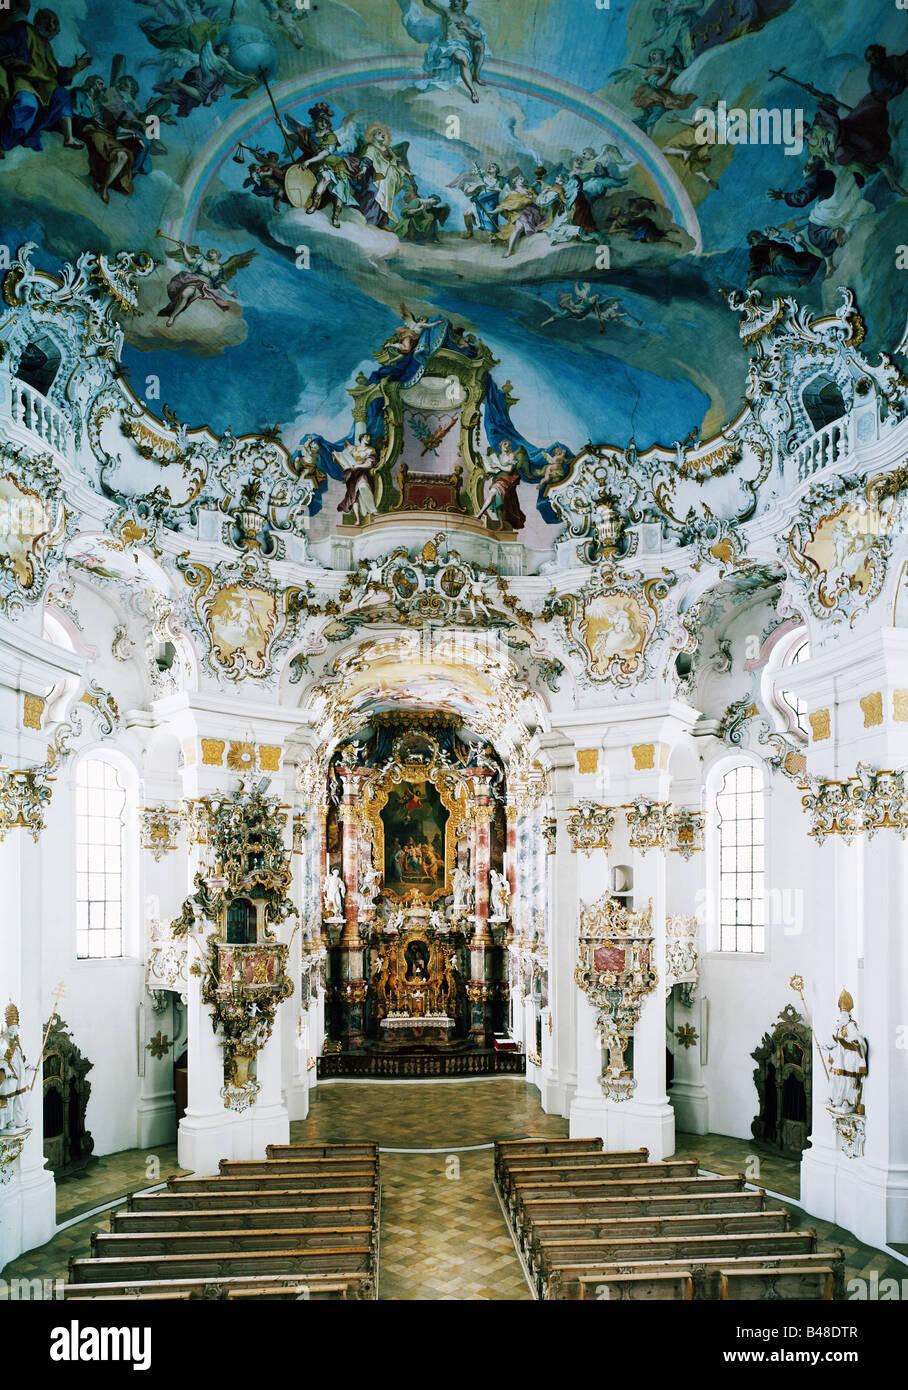 Architektur, Kirchen und Klöster, Deutschland, Bayern, Wieskirche, gebaut 1745 - 1754 nach dem Plan von Johann Bapist Stockfoto